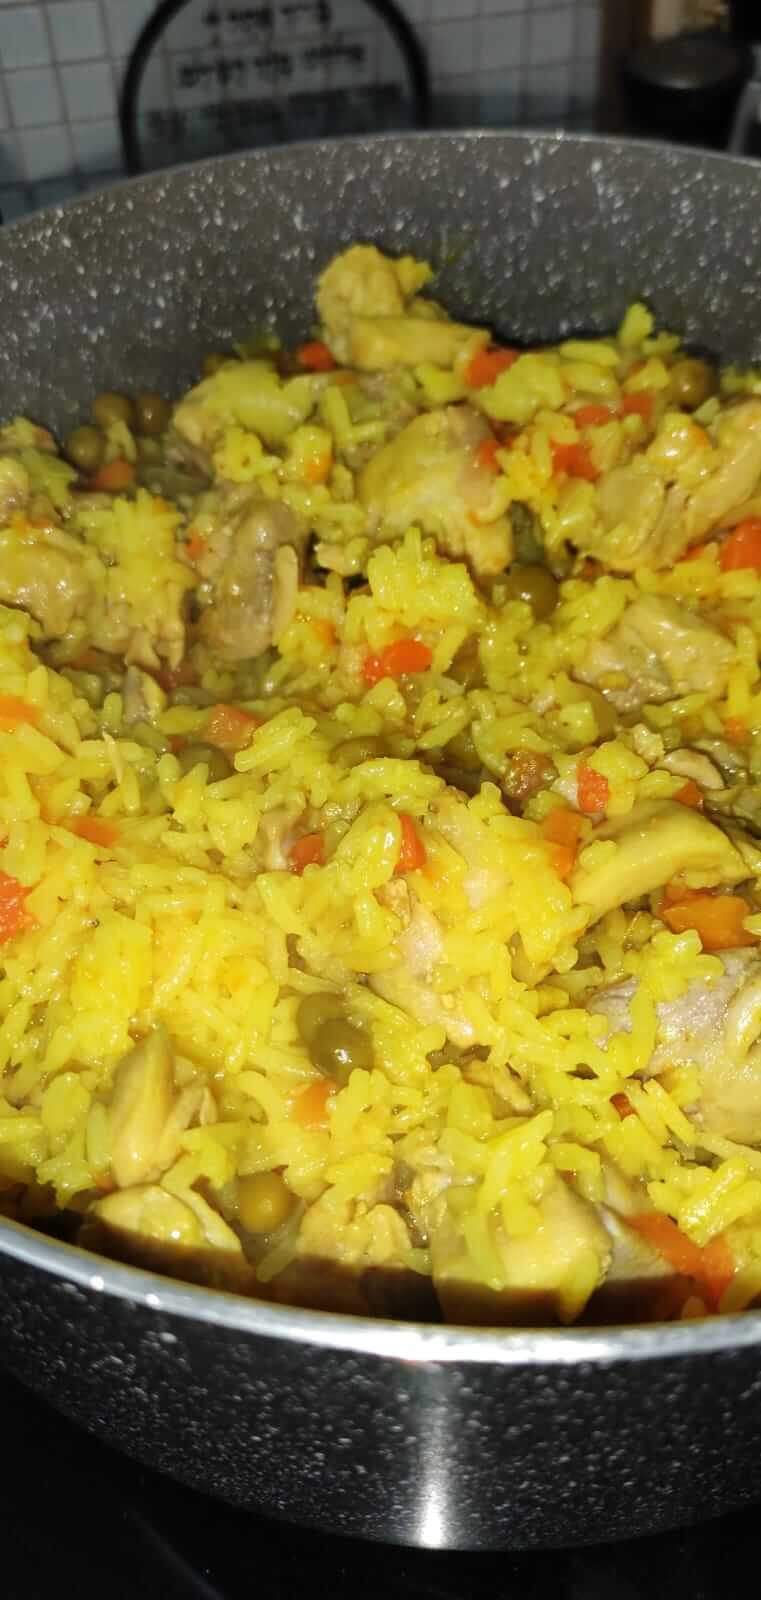 תבשיל פרגיות ואורז בסיר אחד